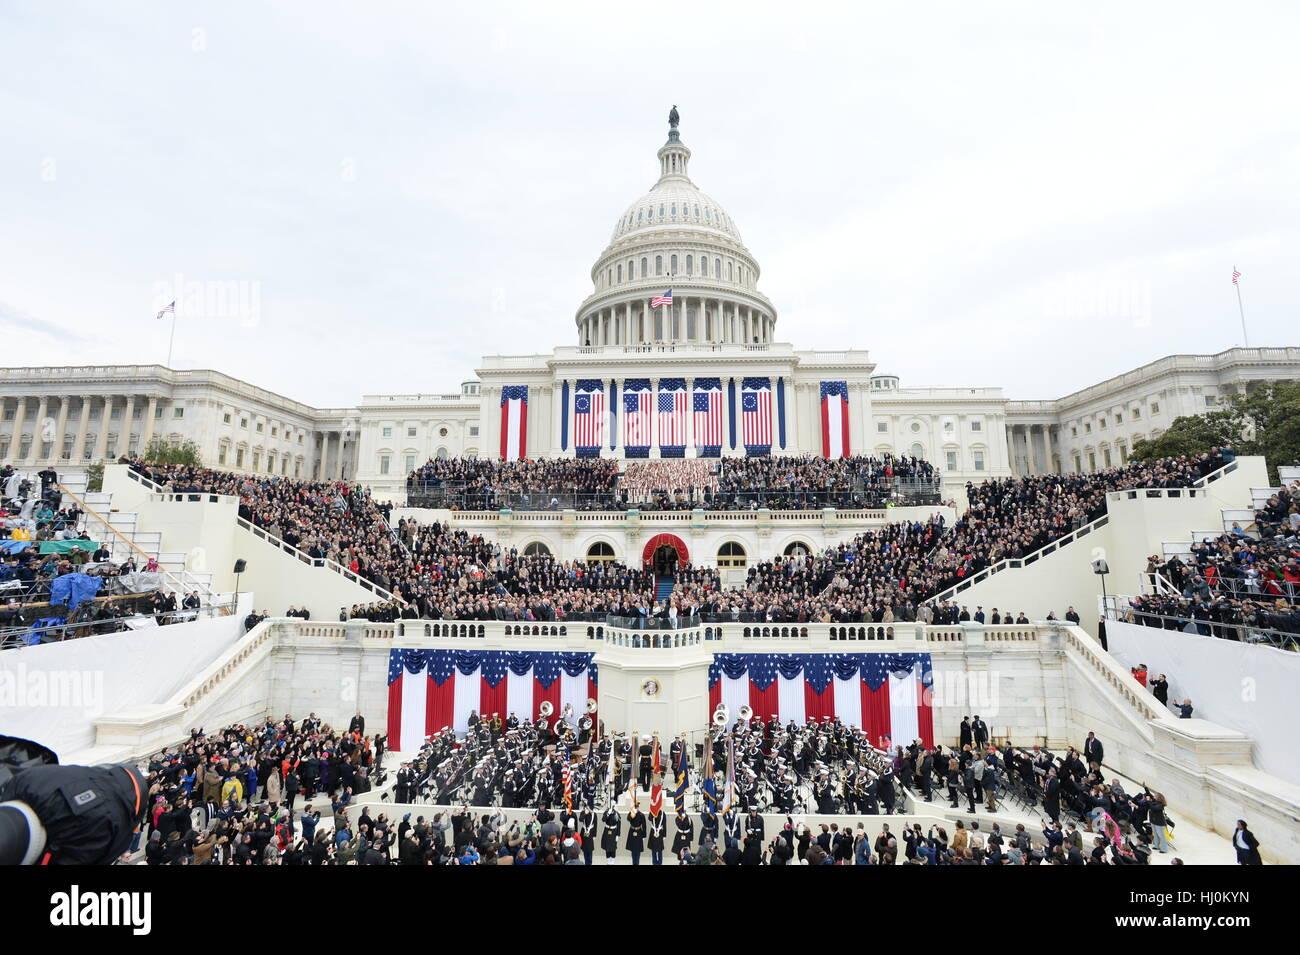 Presidente Donald Trump prende il giuramento di Ufficio presso la sua inaugurazione il 20 gennaio 2017 a Washington, Immagini Stock